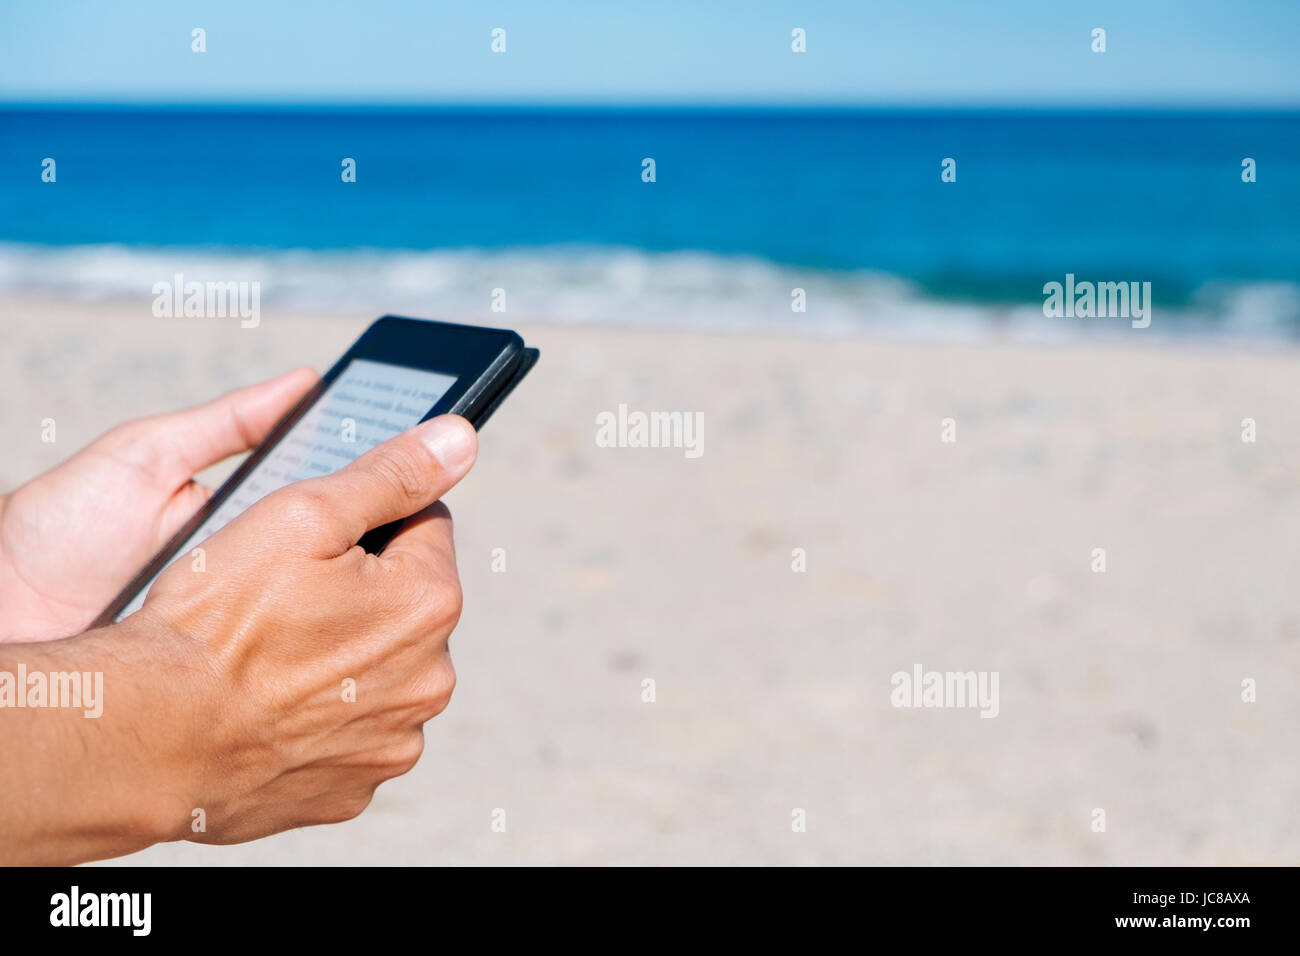 Libre d'un jeune homme de race blanche dans une tablette de lecture ou e-reader sur une plage de sable blanc Photo Stock